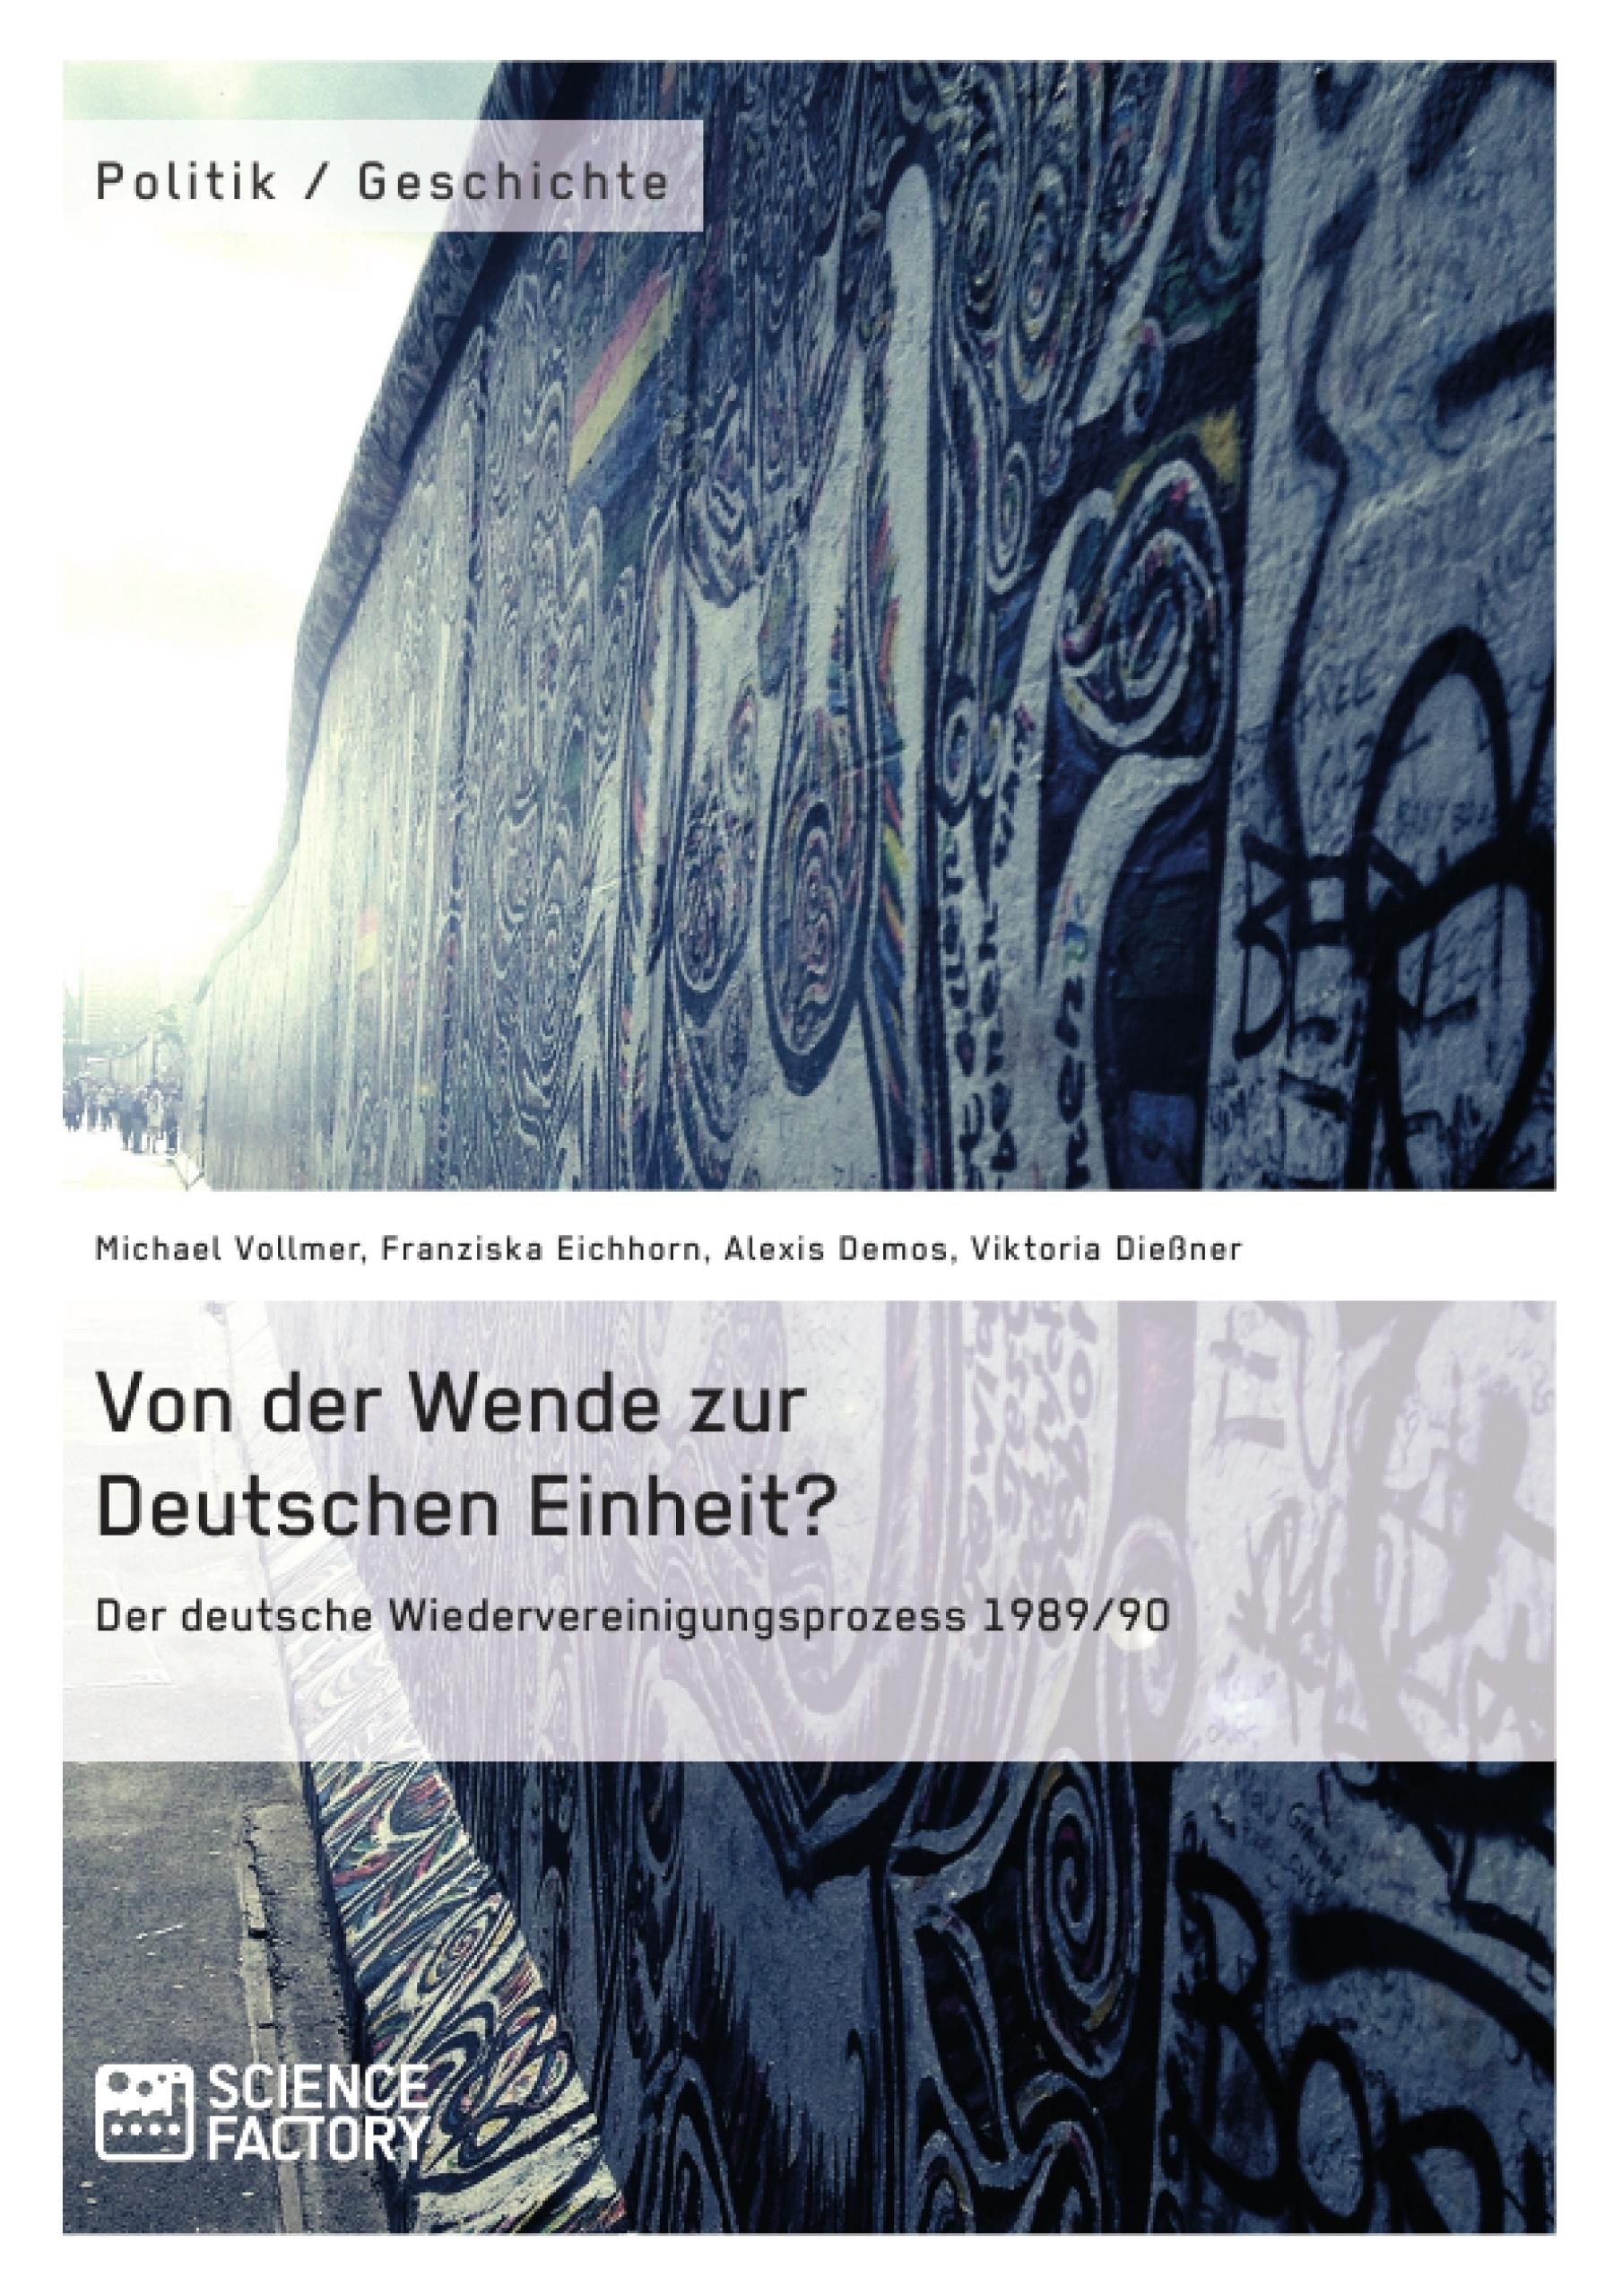 Titel: Von der Wende zur Deutschen Einheit? Der deutsche Wiedervereinigungsprozess 1989/90